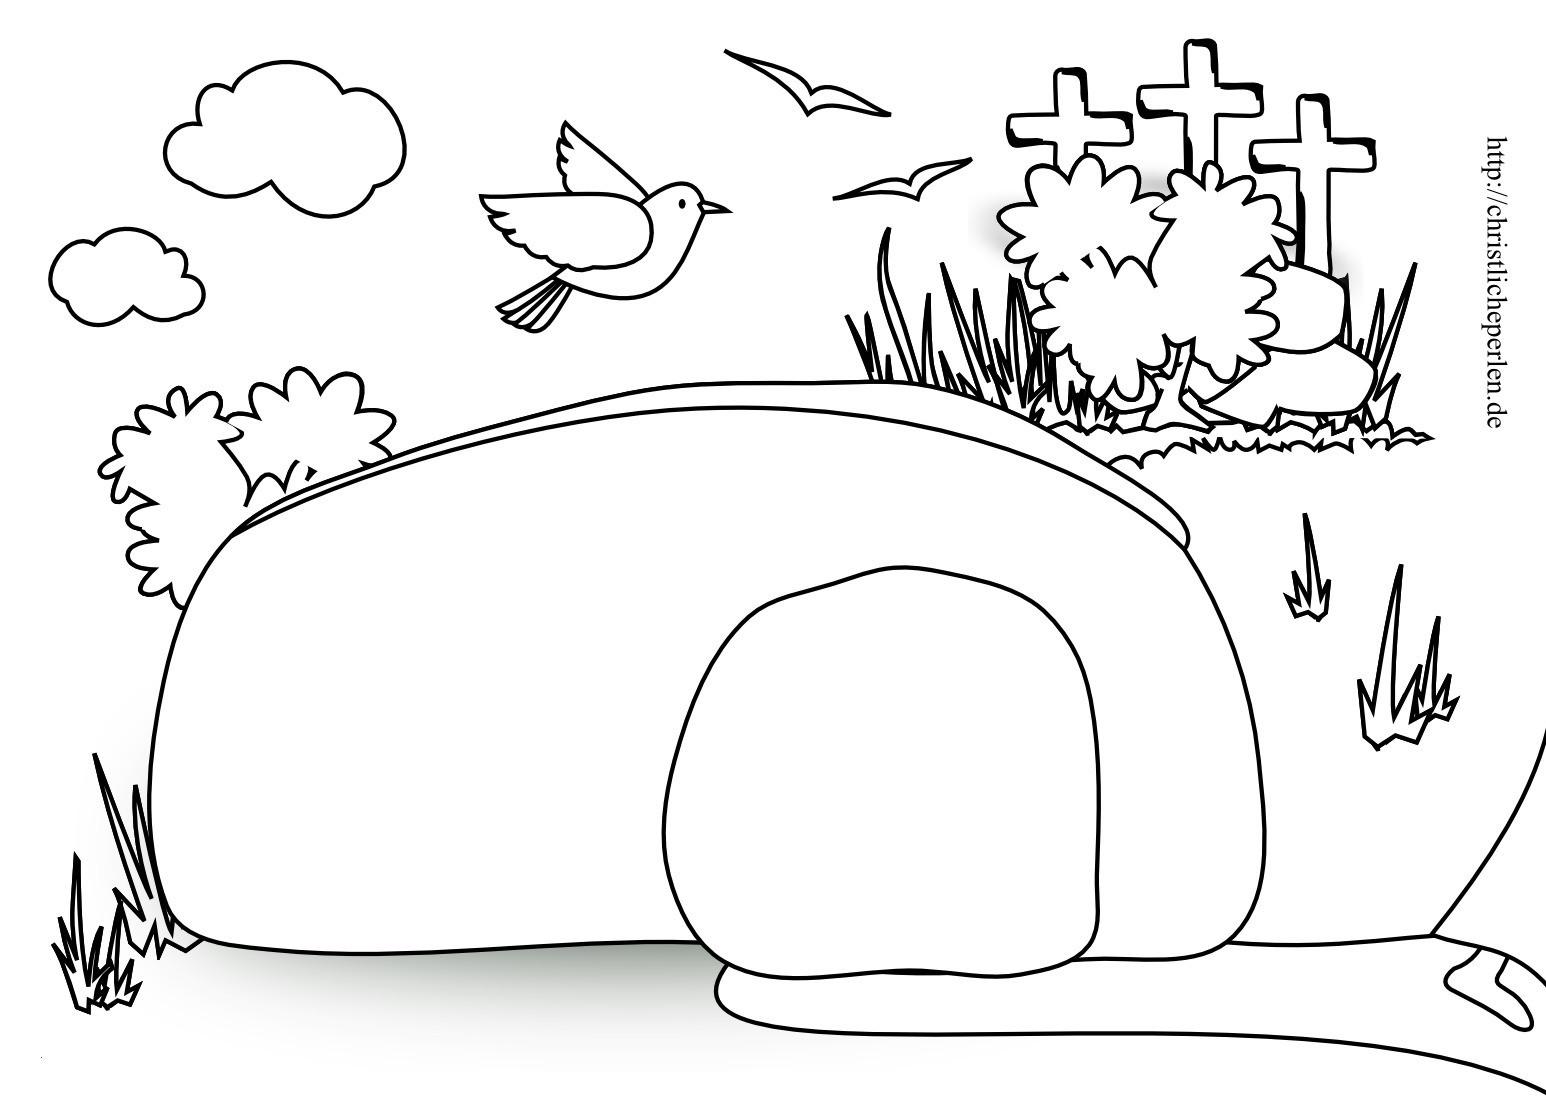 Frohe Ostern Bilder Zum Ausmalen Einzigartig Malvorlagen Igel Frisch Igel Grundschule 0d Archives Uploadertalk Bild